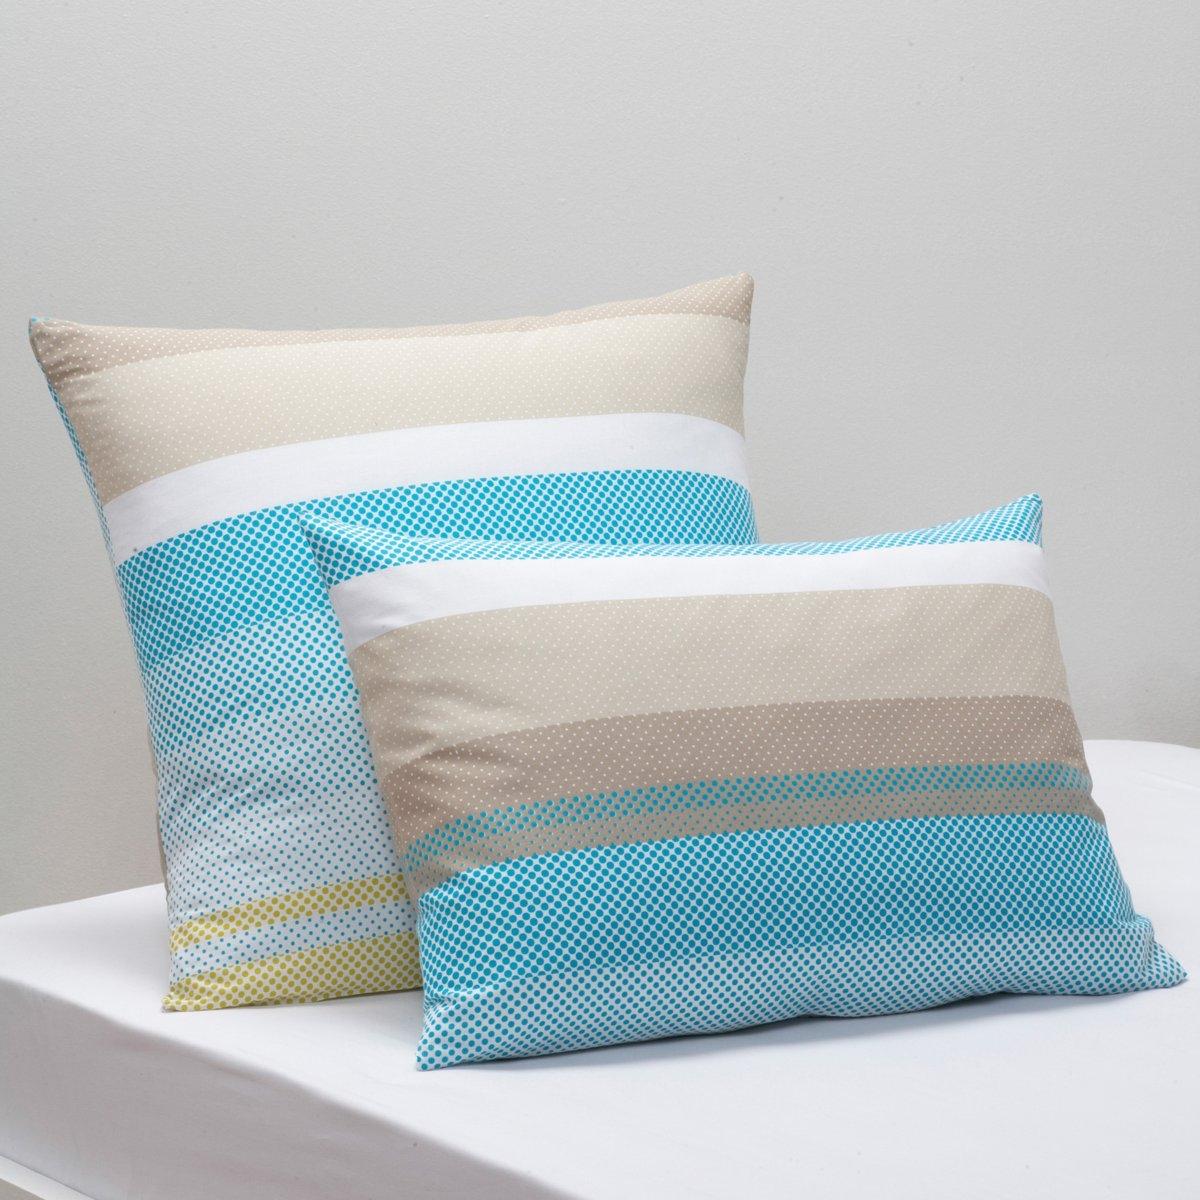 Наволочка УвиаКачество VALEUR S?RE за качественный материал с плотным переплетением нитей (57 нитей/см?). Красивое сочетание цветов и пиксельный рисунок! 100% хлопка. Стирка при 60°. Цвет: синий. Размеры: 50 x 70 см : прямоуг. 63 x 63 см : квадрат.<br><br>Цвет: синий/серый/анис/белый